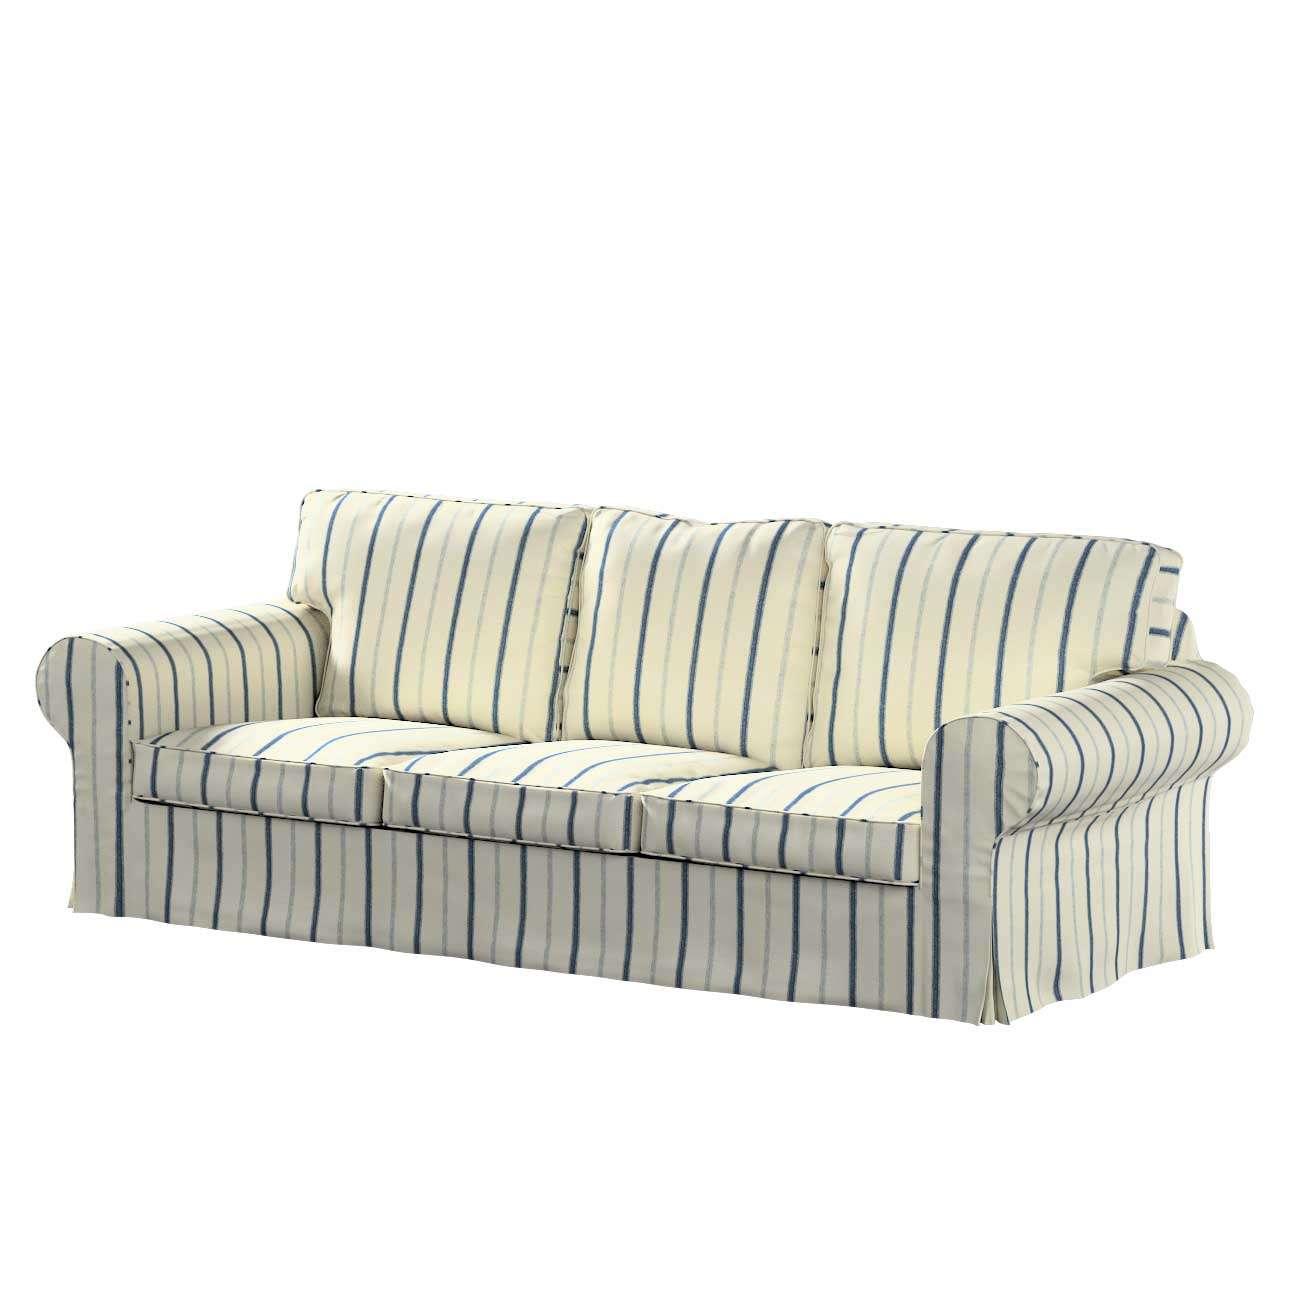 Pokrowiec na sofę Ektorp 3-osobową, rozkładaną w kolekcji Avinon, tkanina: 129-66